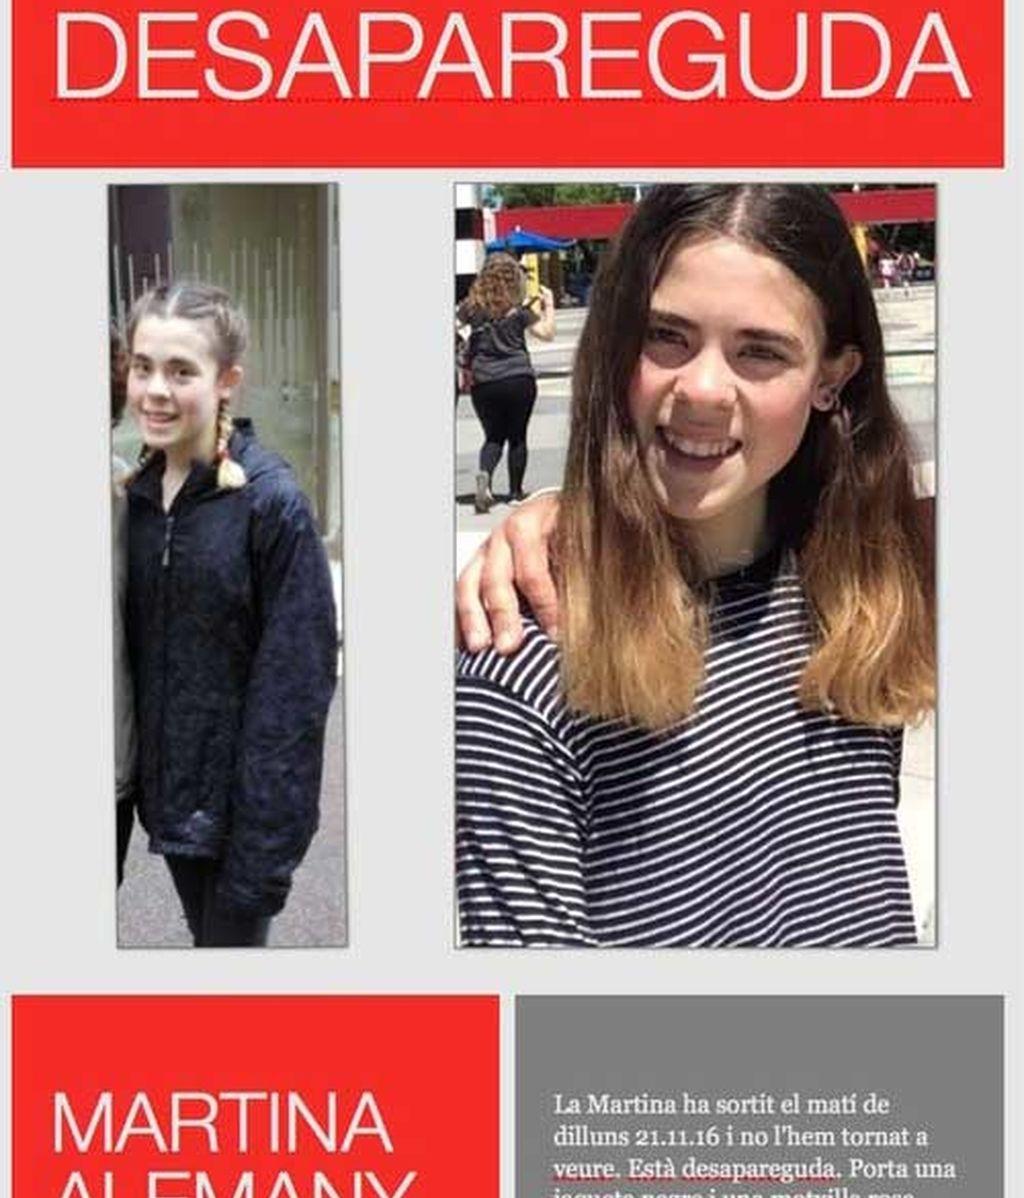 Martina Alemany Casas, desaparecida en Barcelona